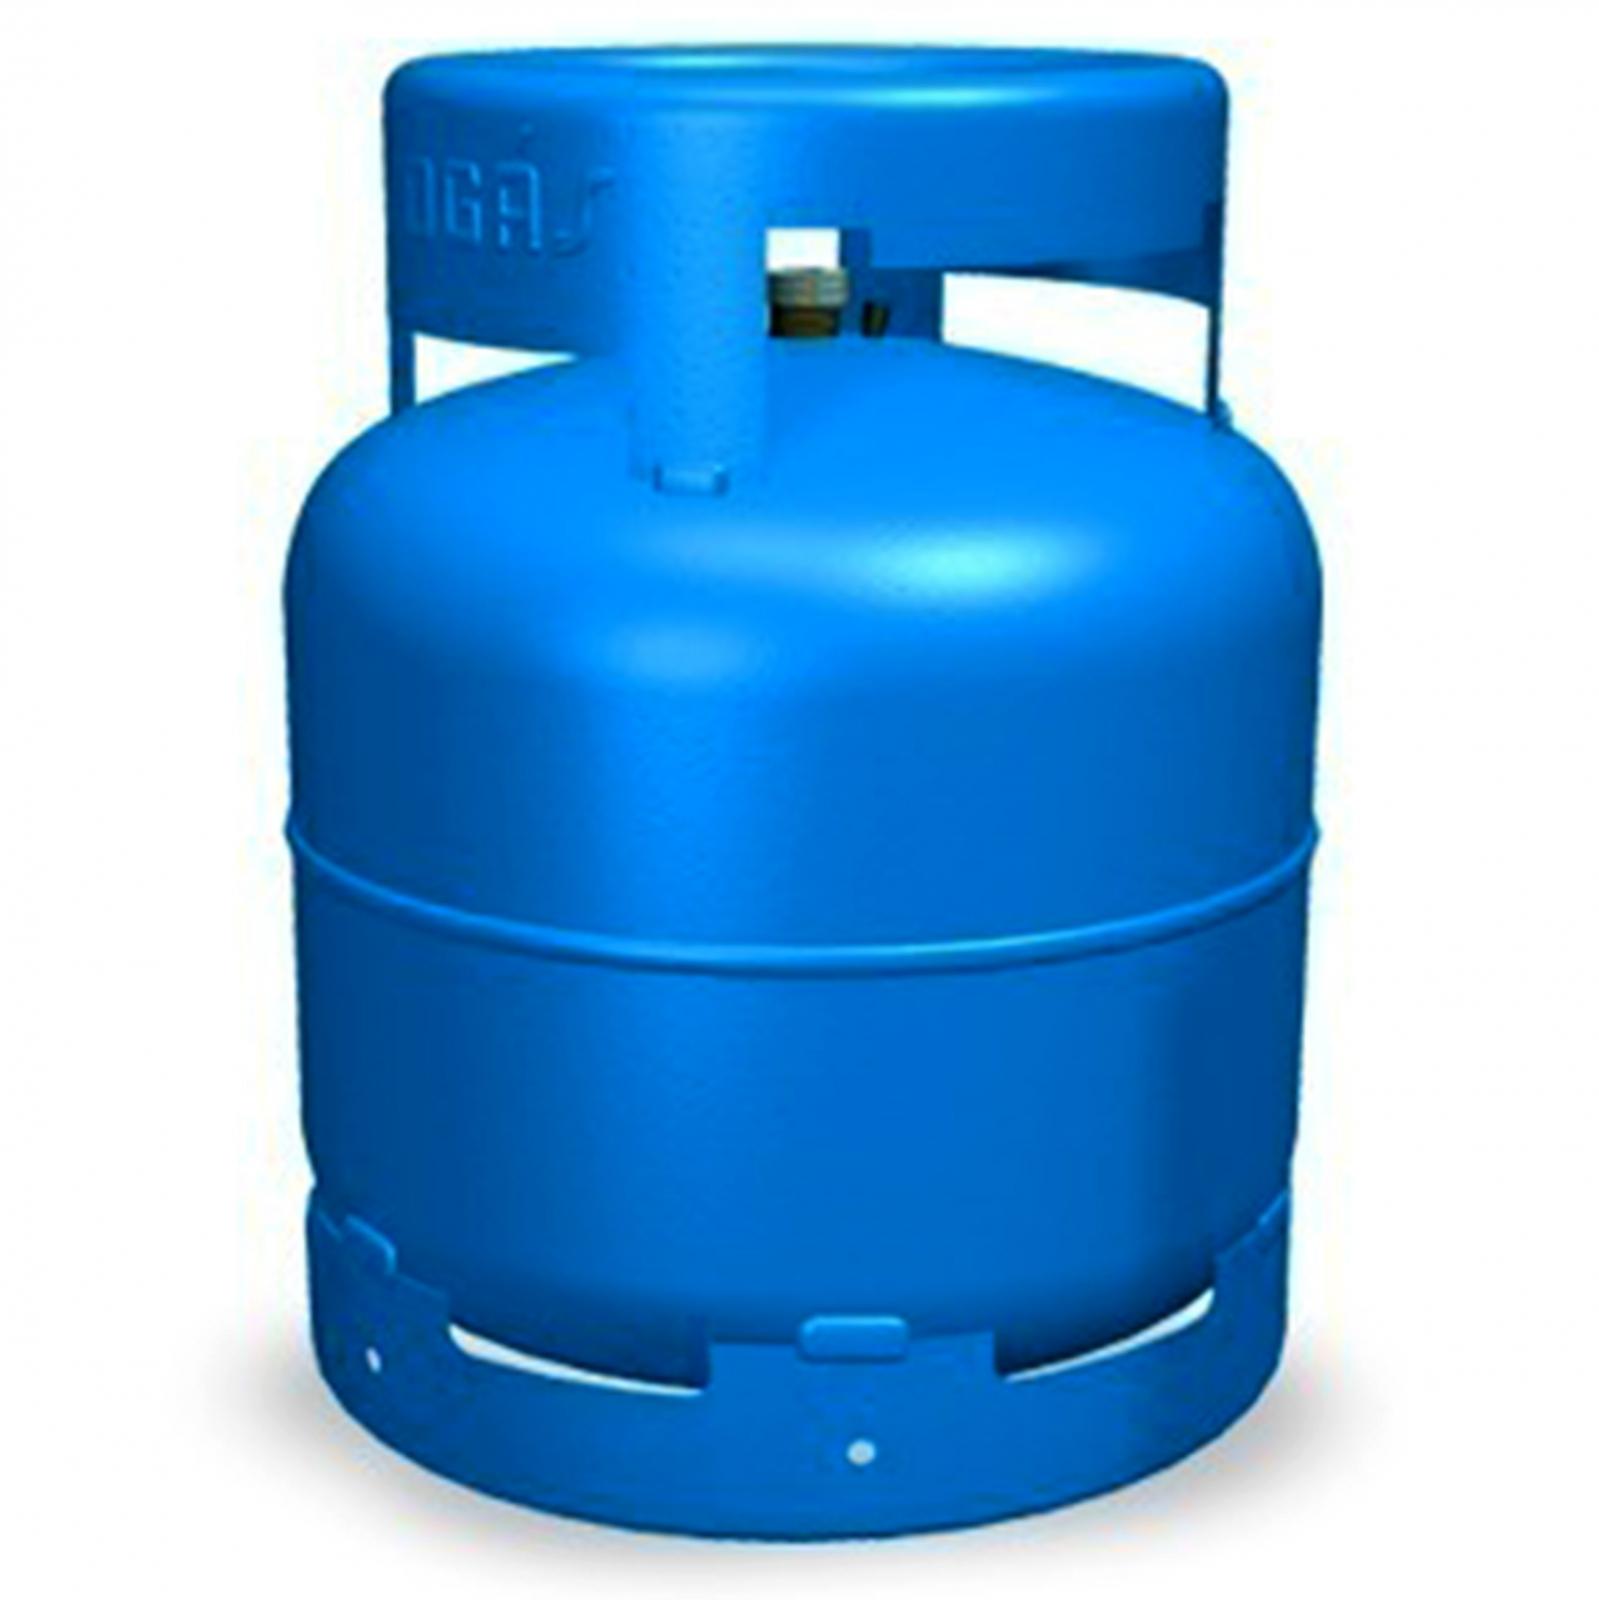 Conjunto De Solda Ppu Oxig E Glp 5kg Com Maçarico Completo Pp4 - Ferramentas MEP